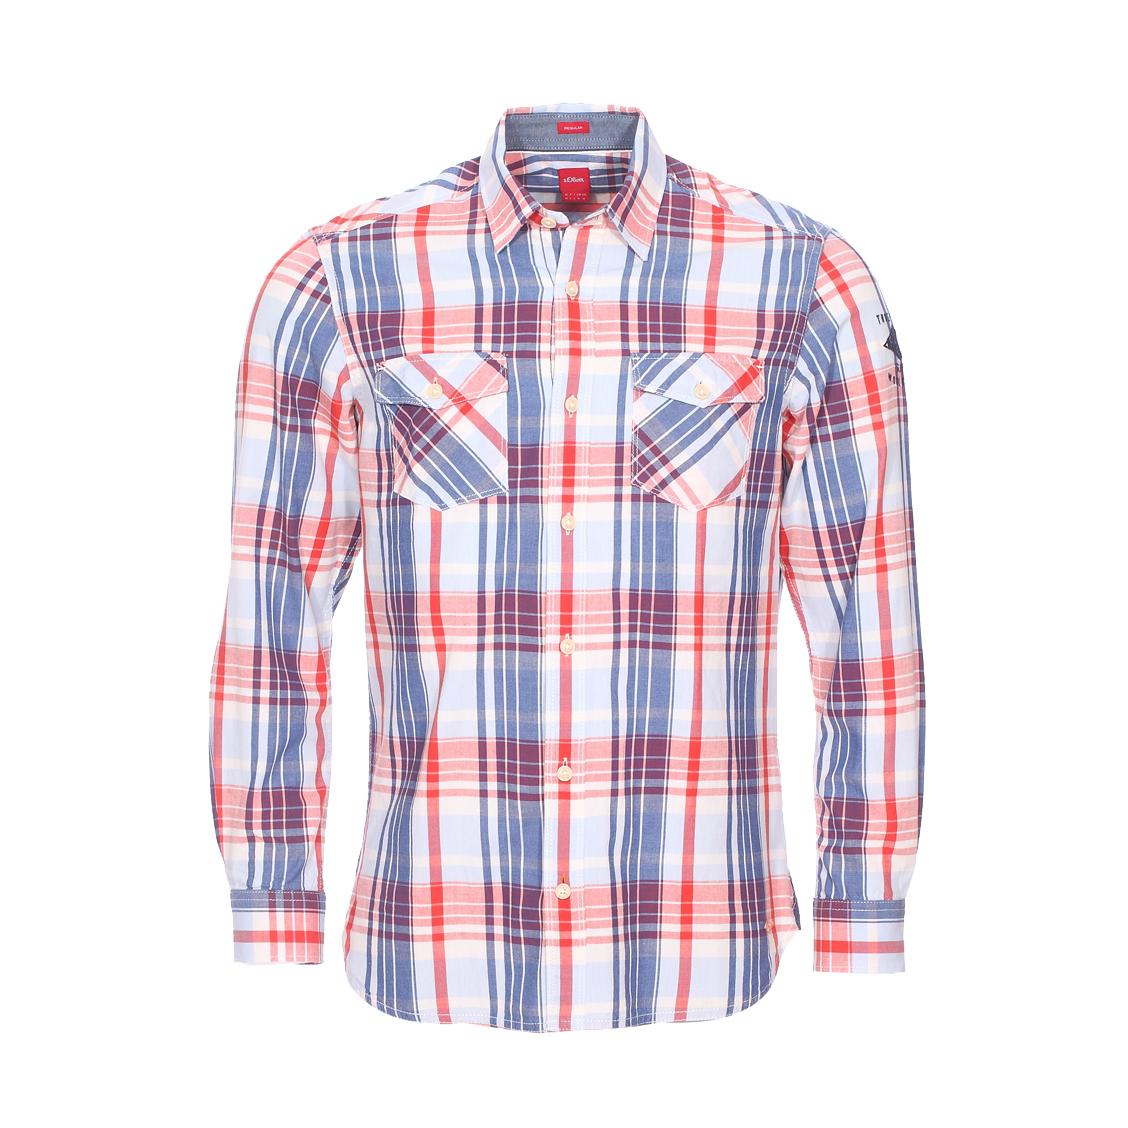 Chemise droite  en coton à carreaux bleus, blancs et rouges